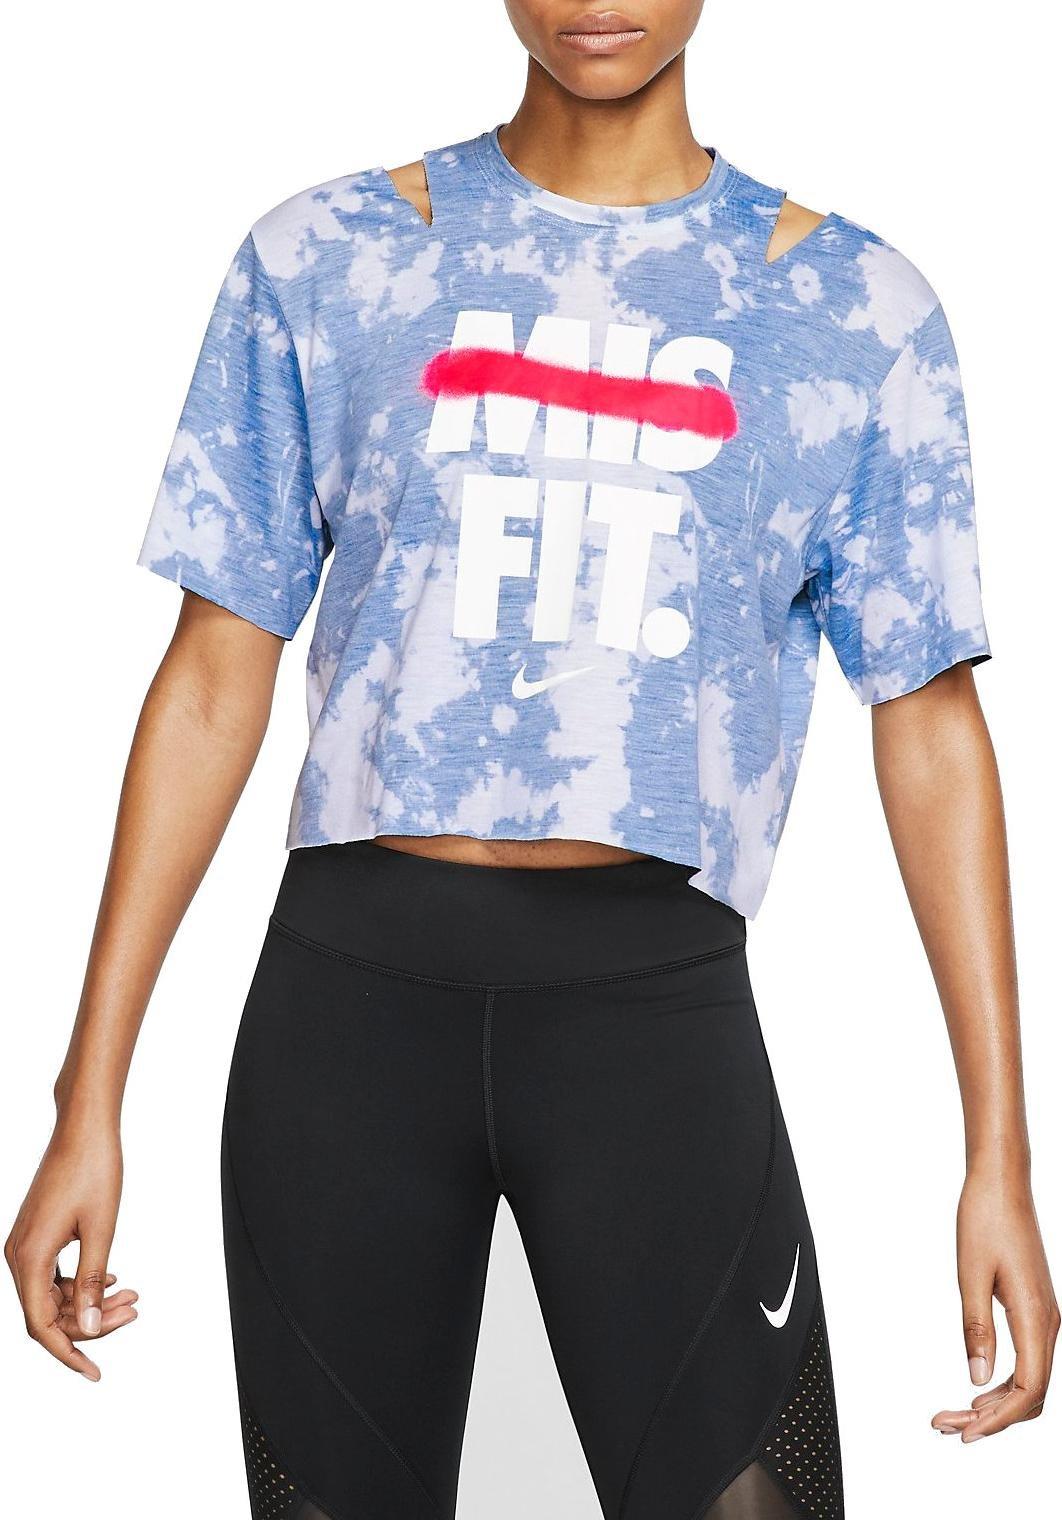 13645e3ea63db1 T-shirt Nike W NK ICON CLSH SS CP T TD GX - Top4Fitness.com